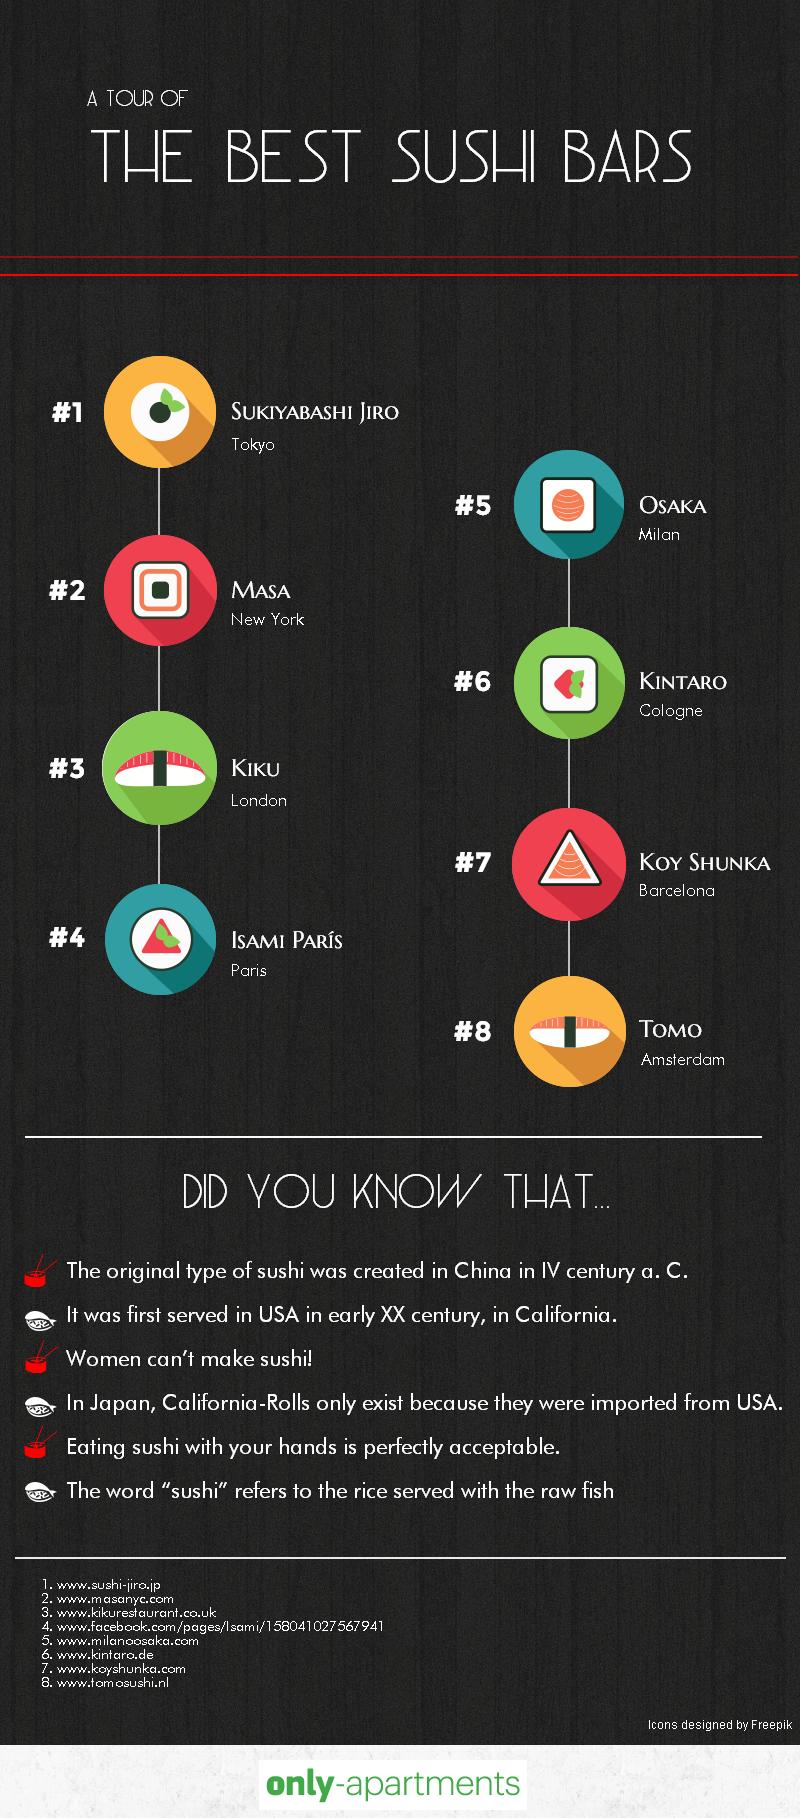 TOP 8 restaurantes de sushi en el mundo